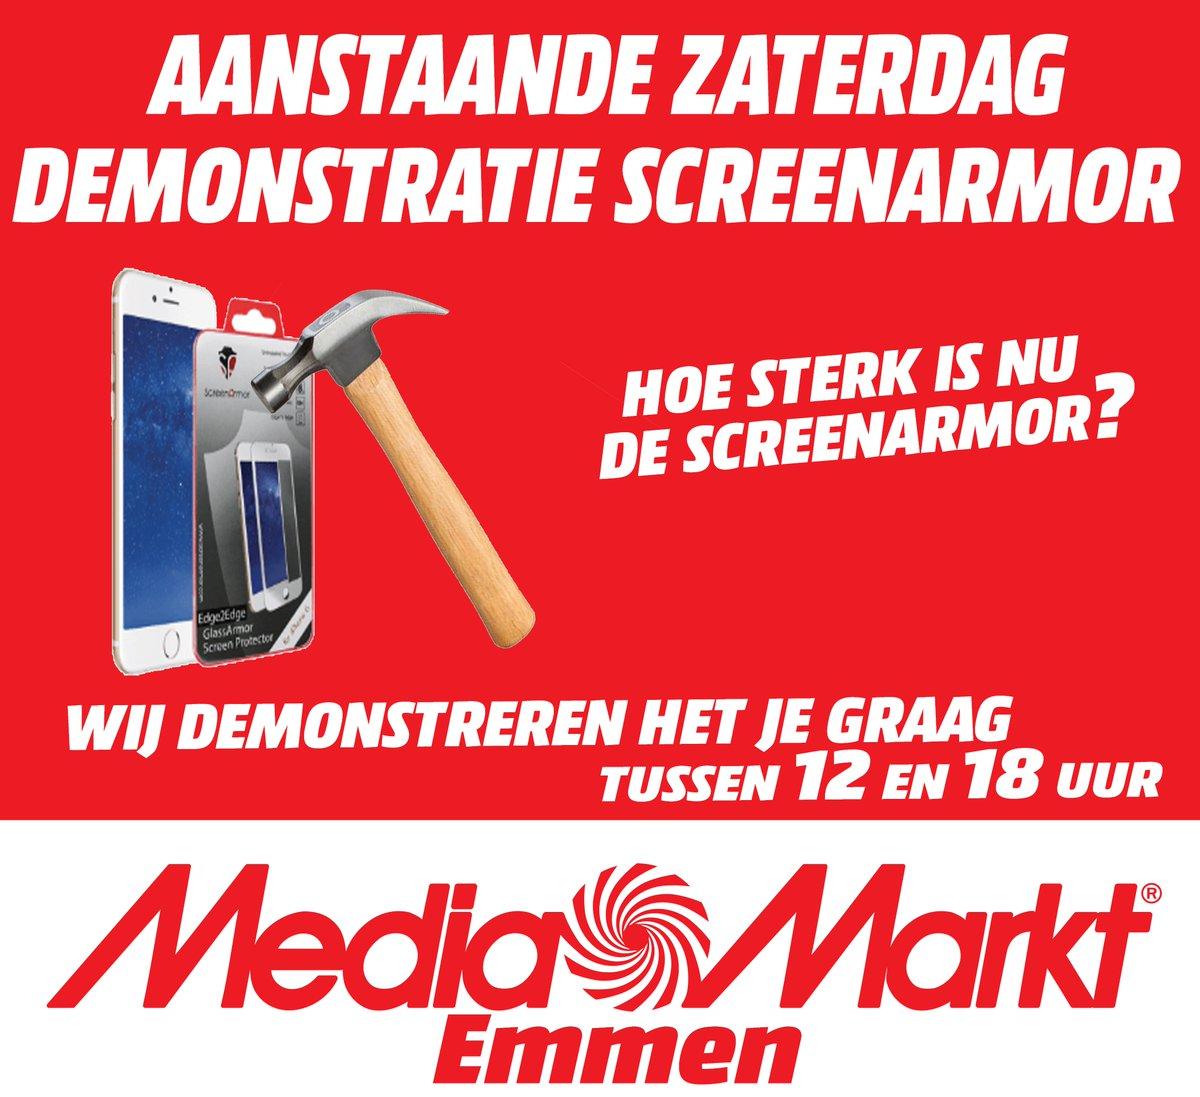 As zaterdag is er een #demonstratie van de #screenarmor Tussen 12 en 18 uur. #mediamarktemmen https://t.co/SkgWbl1dfy